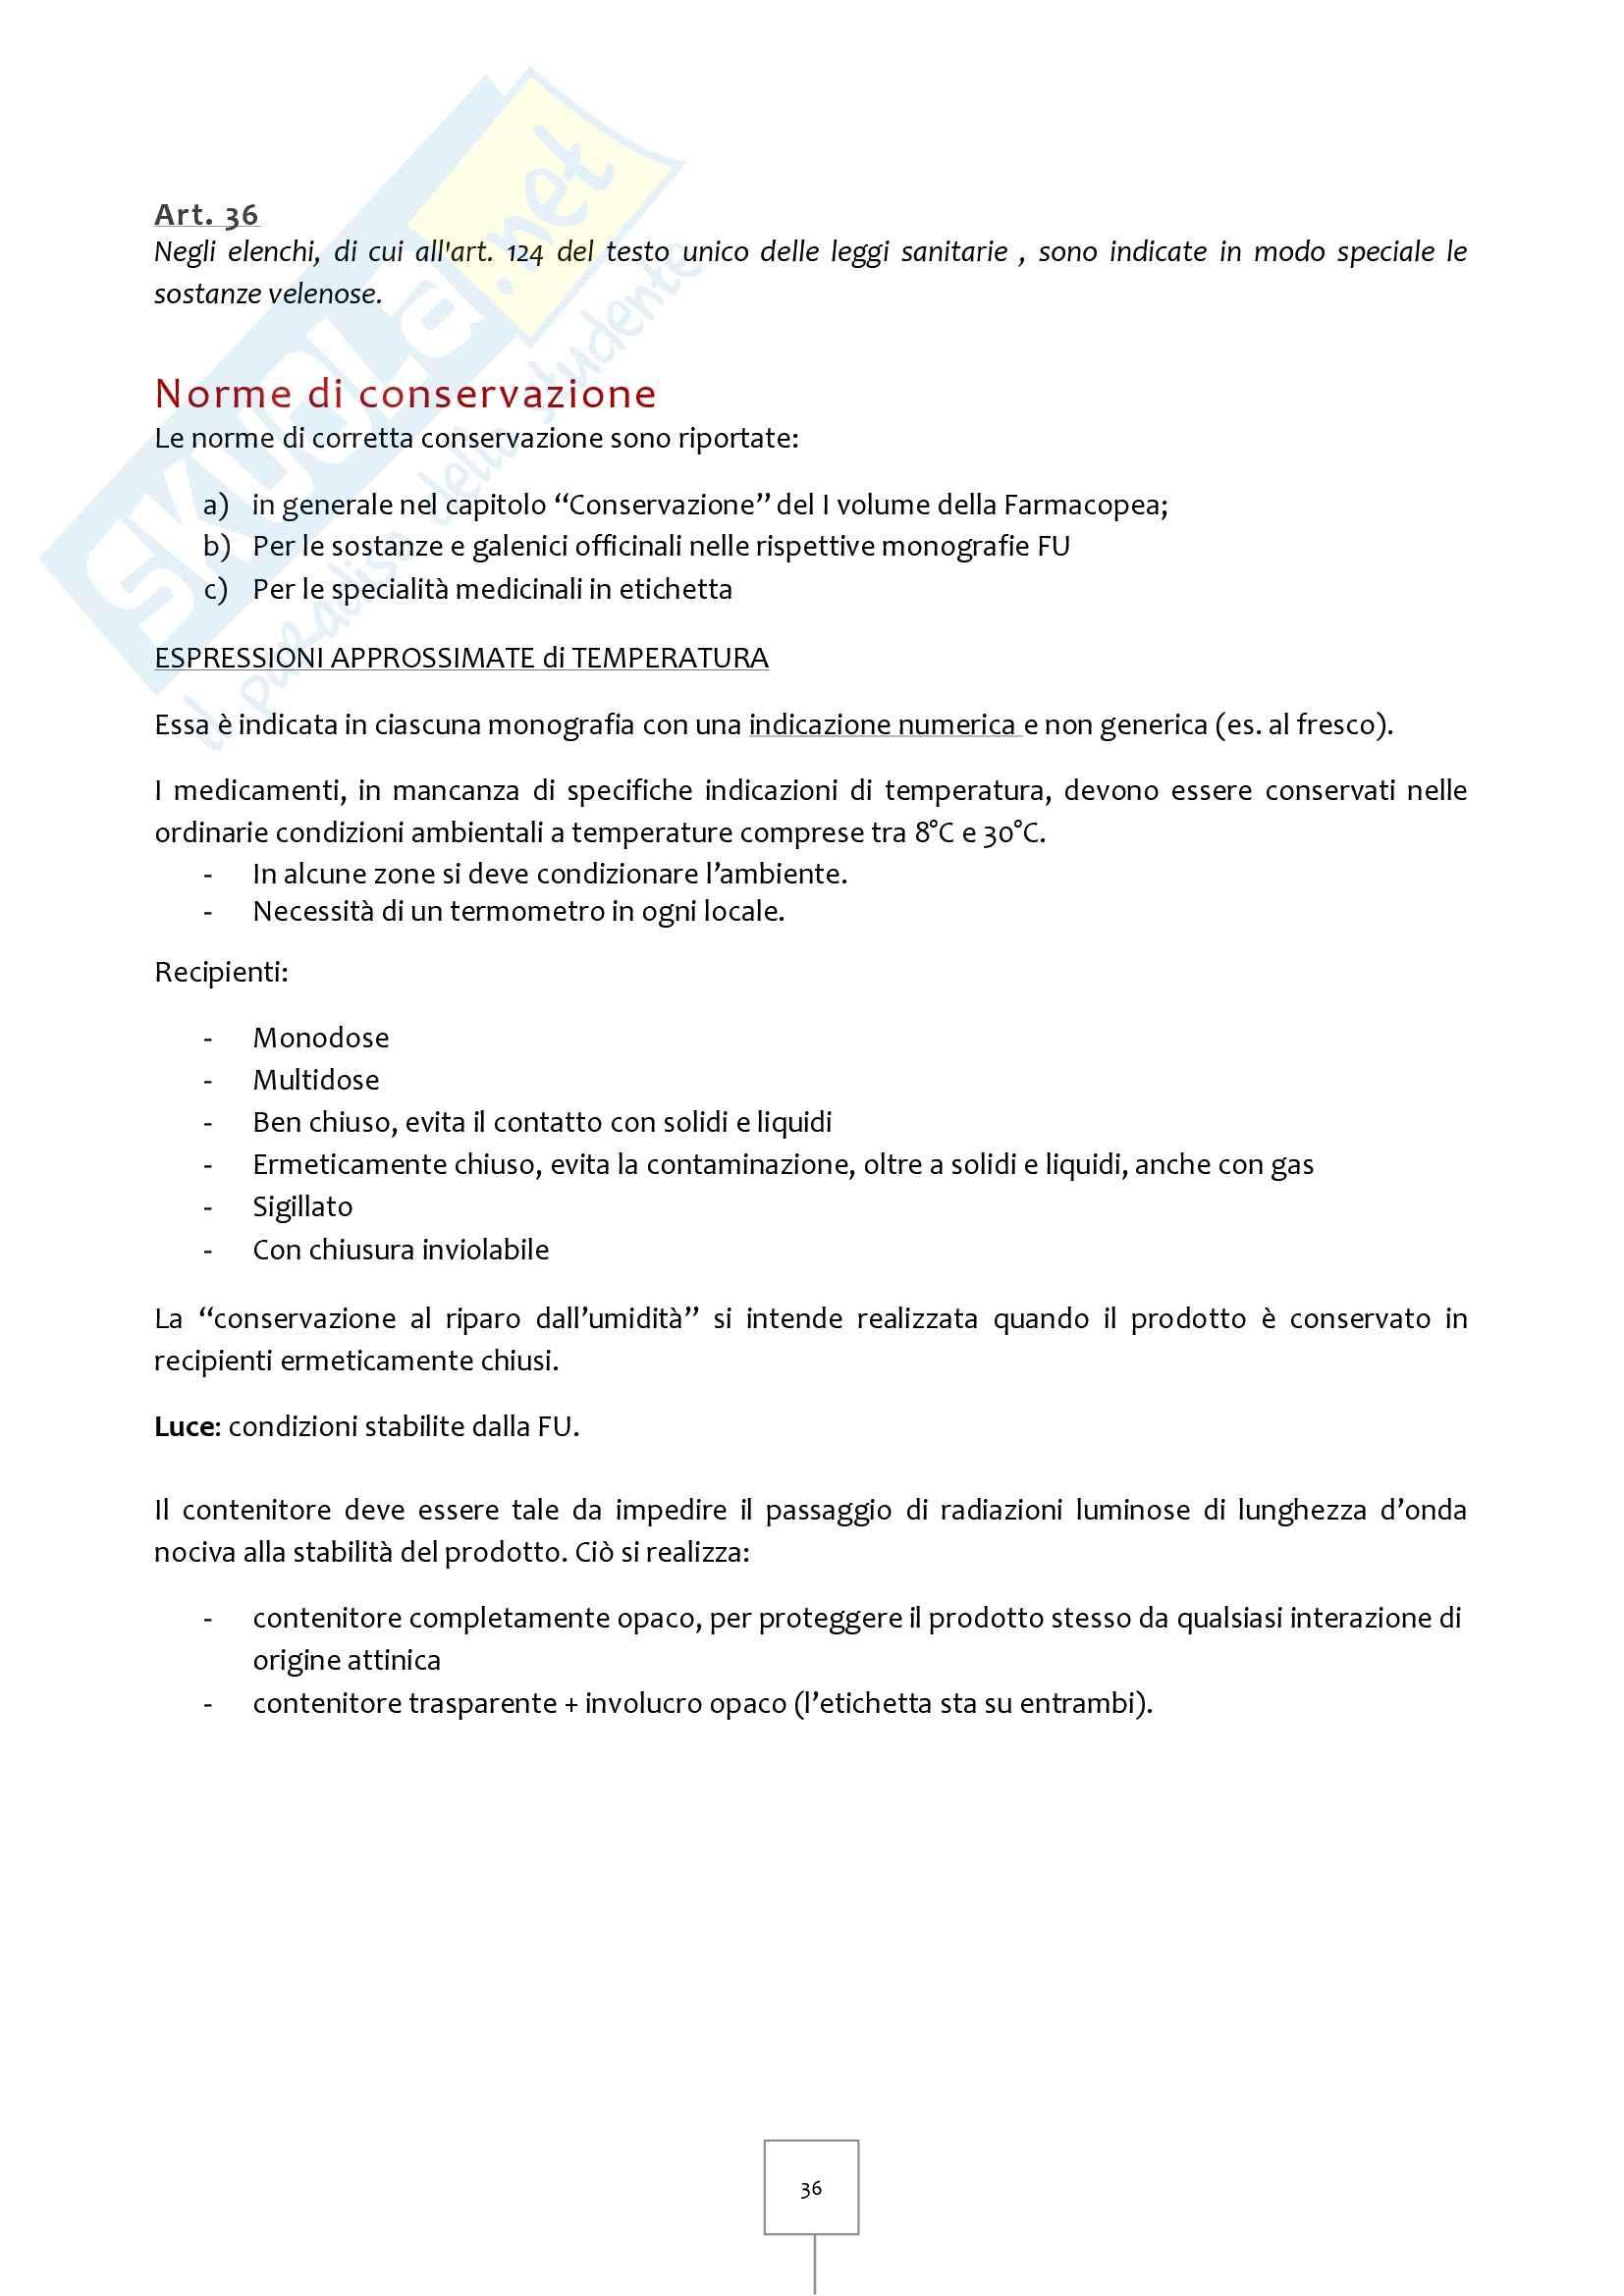 Legislazione Farmaceutica I - Appunti Pag. 36